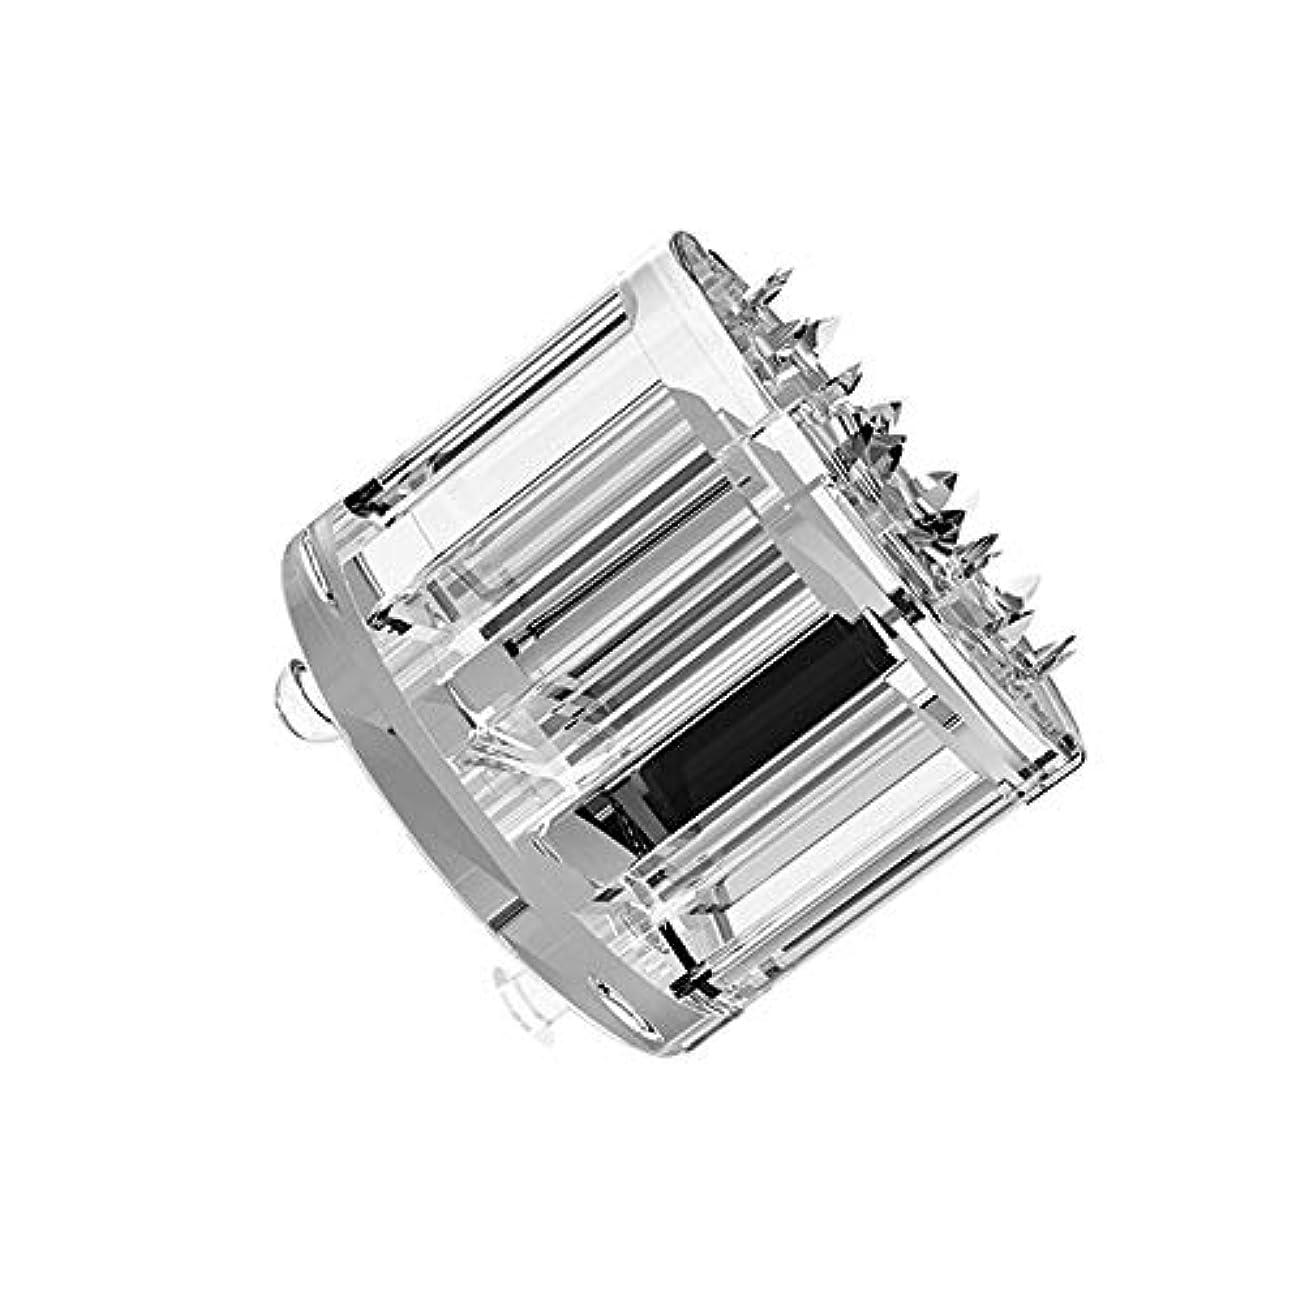 ぴったり一致公爵MTS Home Care Micro pin-10ea (ticktok用) ティク ホームケア マイクロピン 化粧品の浸透 コラーゲン 肌の弾力 アップ マイクロピン 毛穴や小じわ 角質ケア